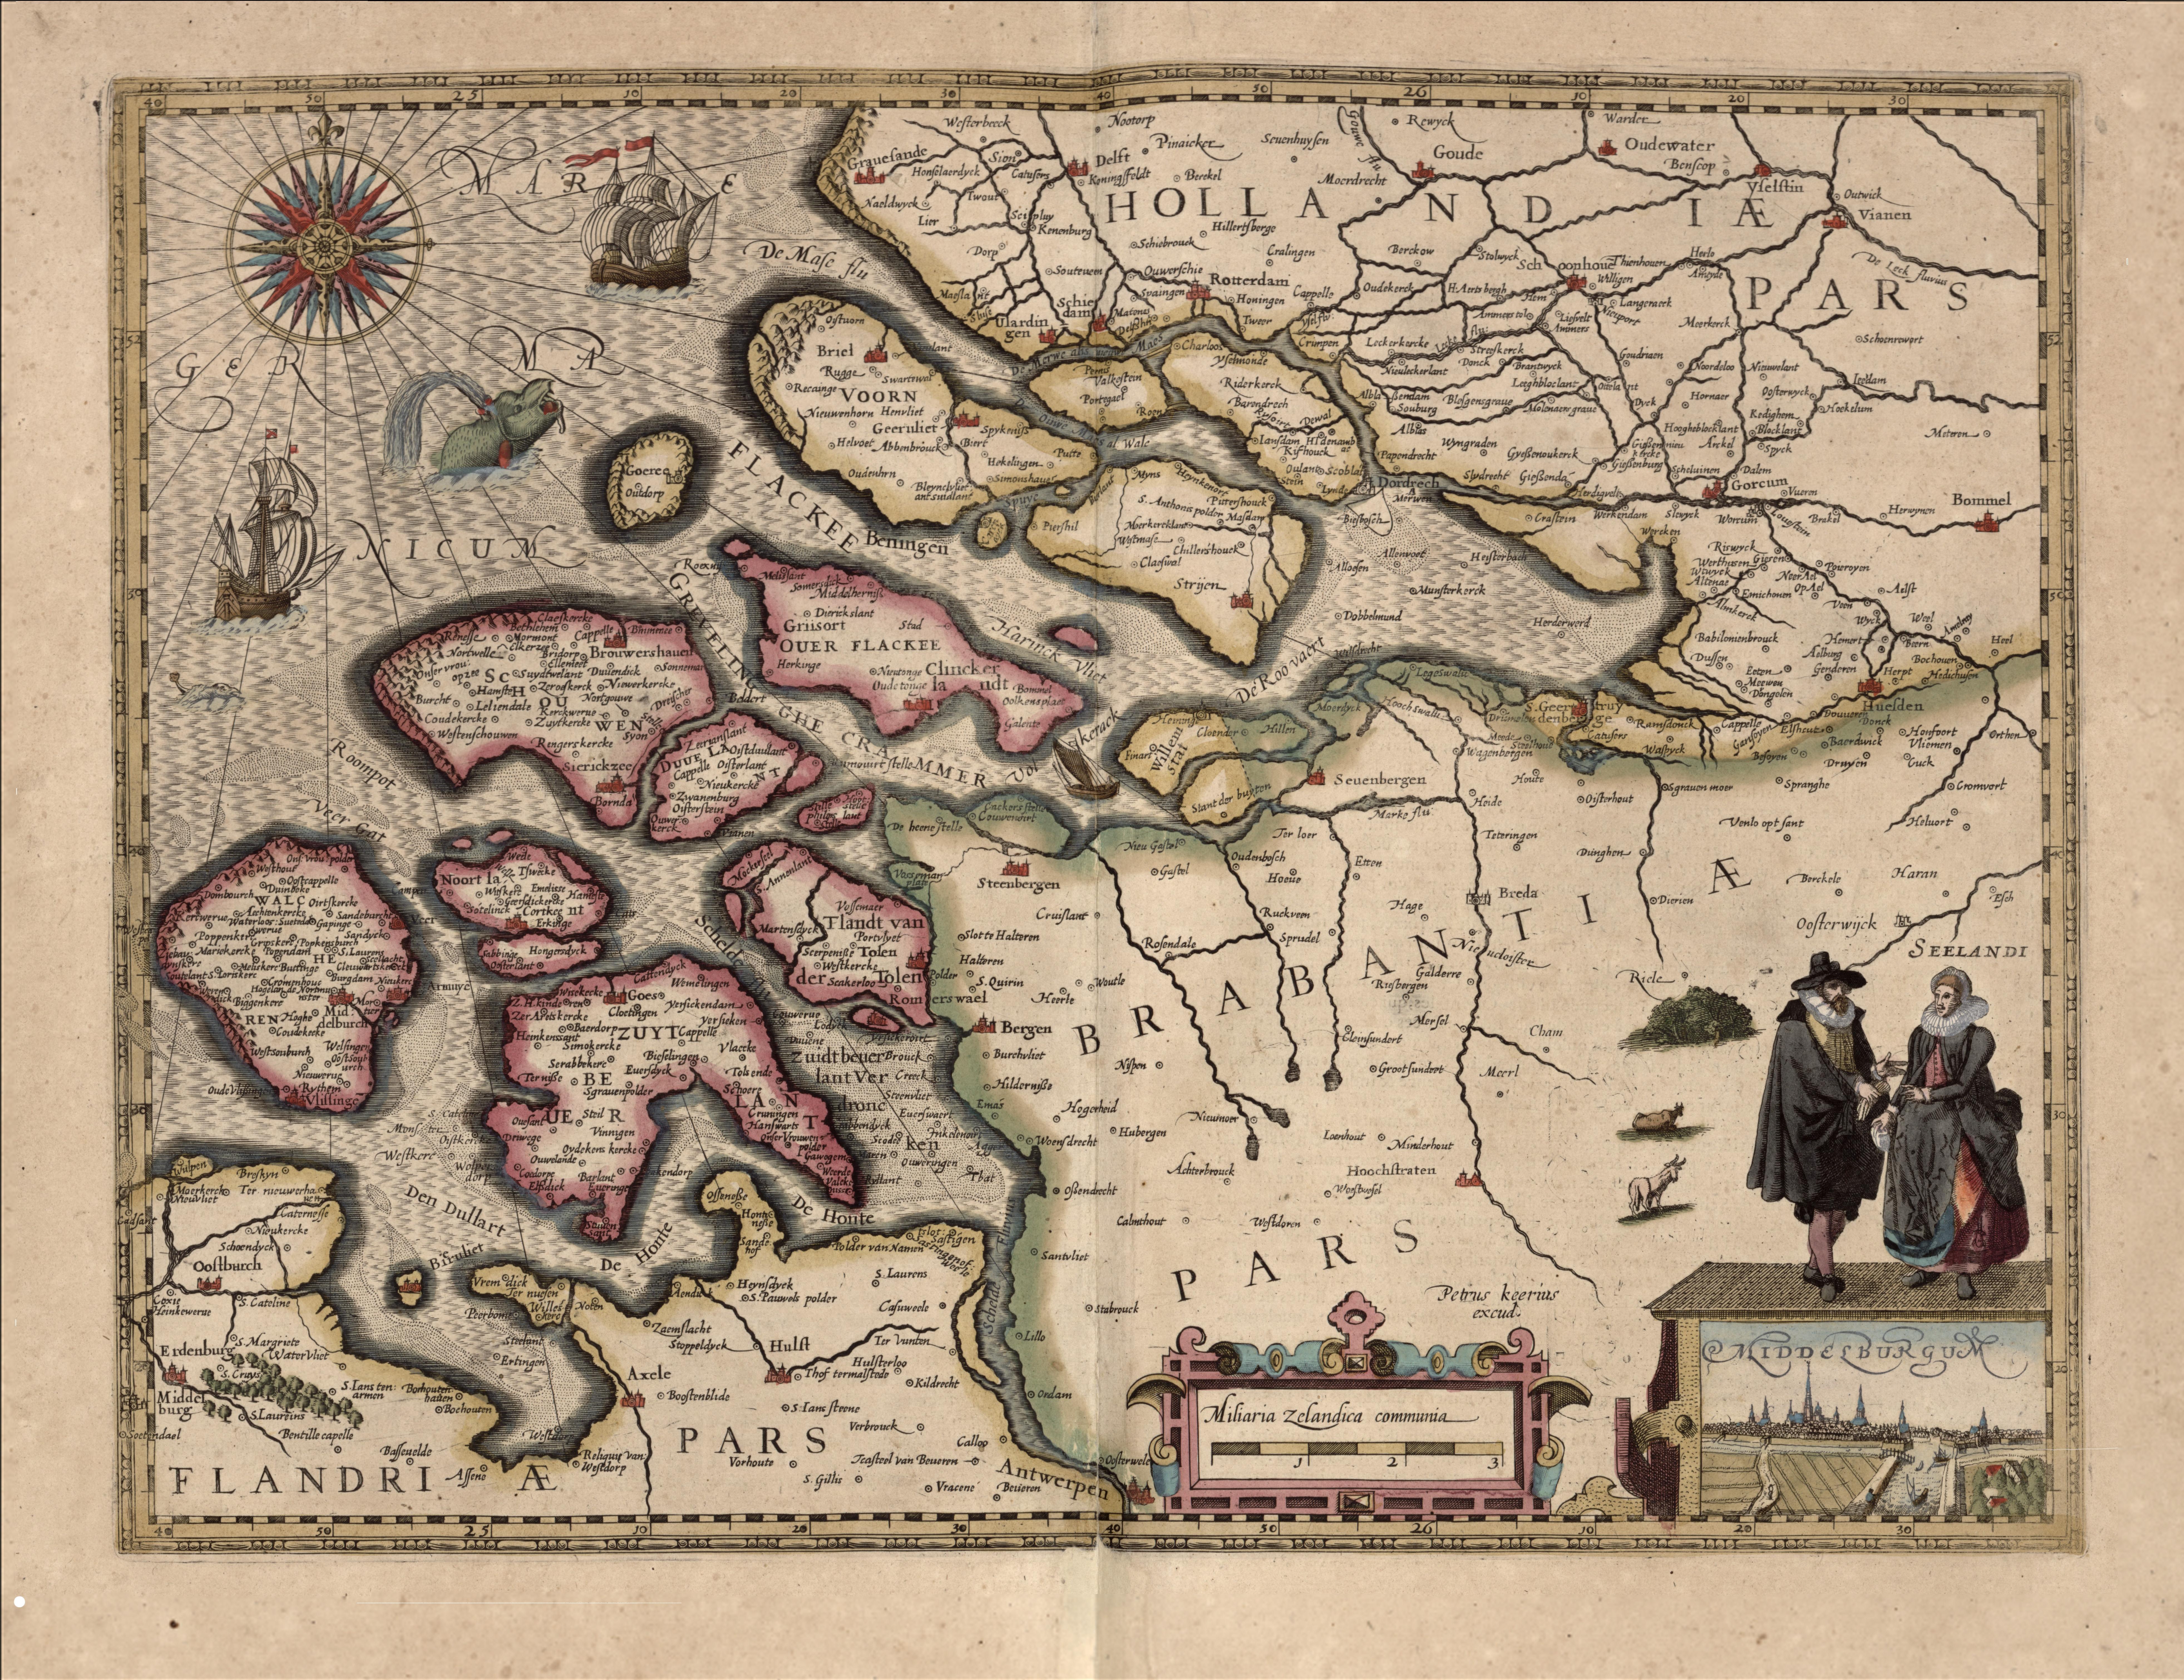 File:1617 22 Zeeland Kaerius.jpg